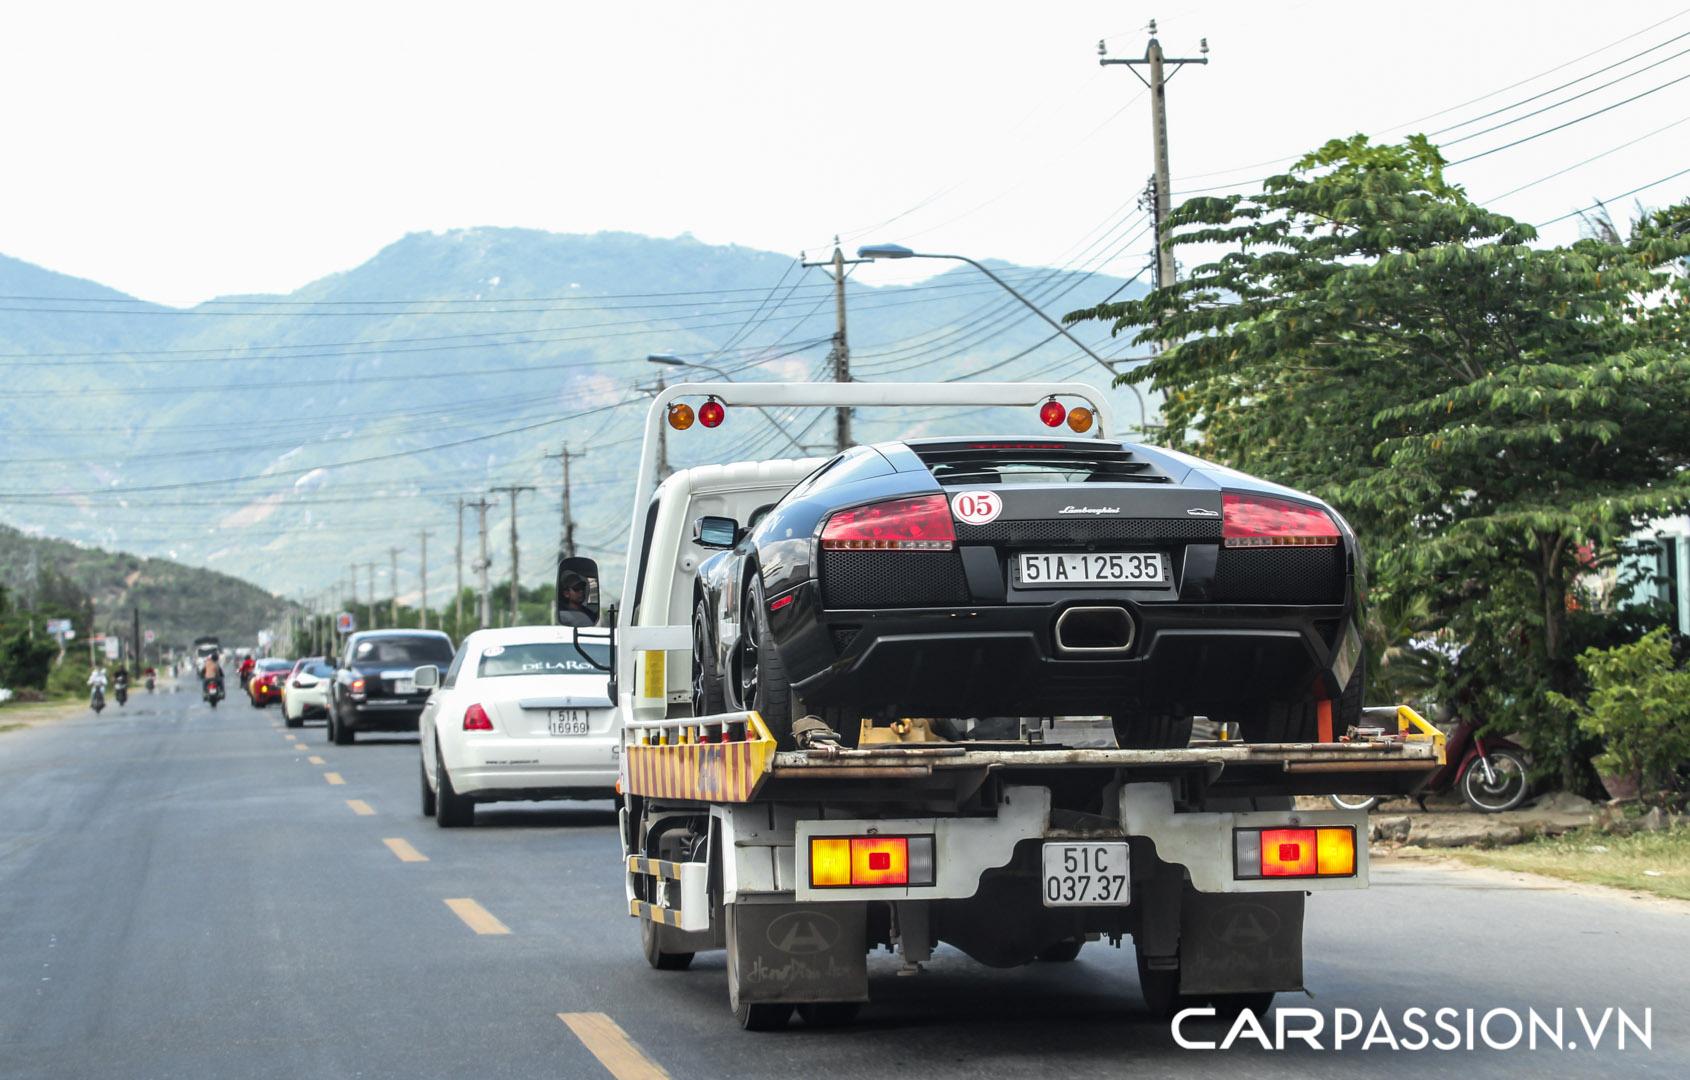 CP-Hành trình siêu xe CarPassion 2011 Day 2 (10).jpg